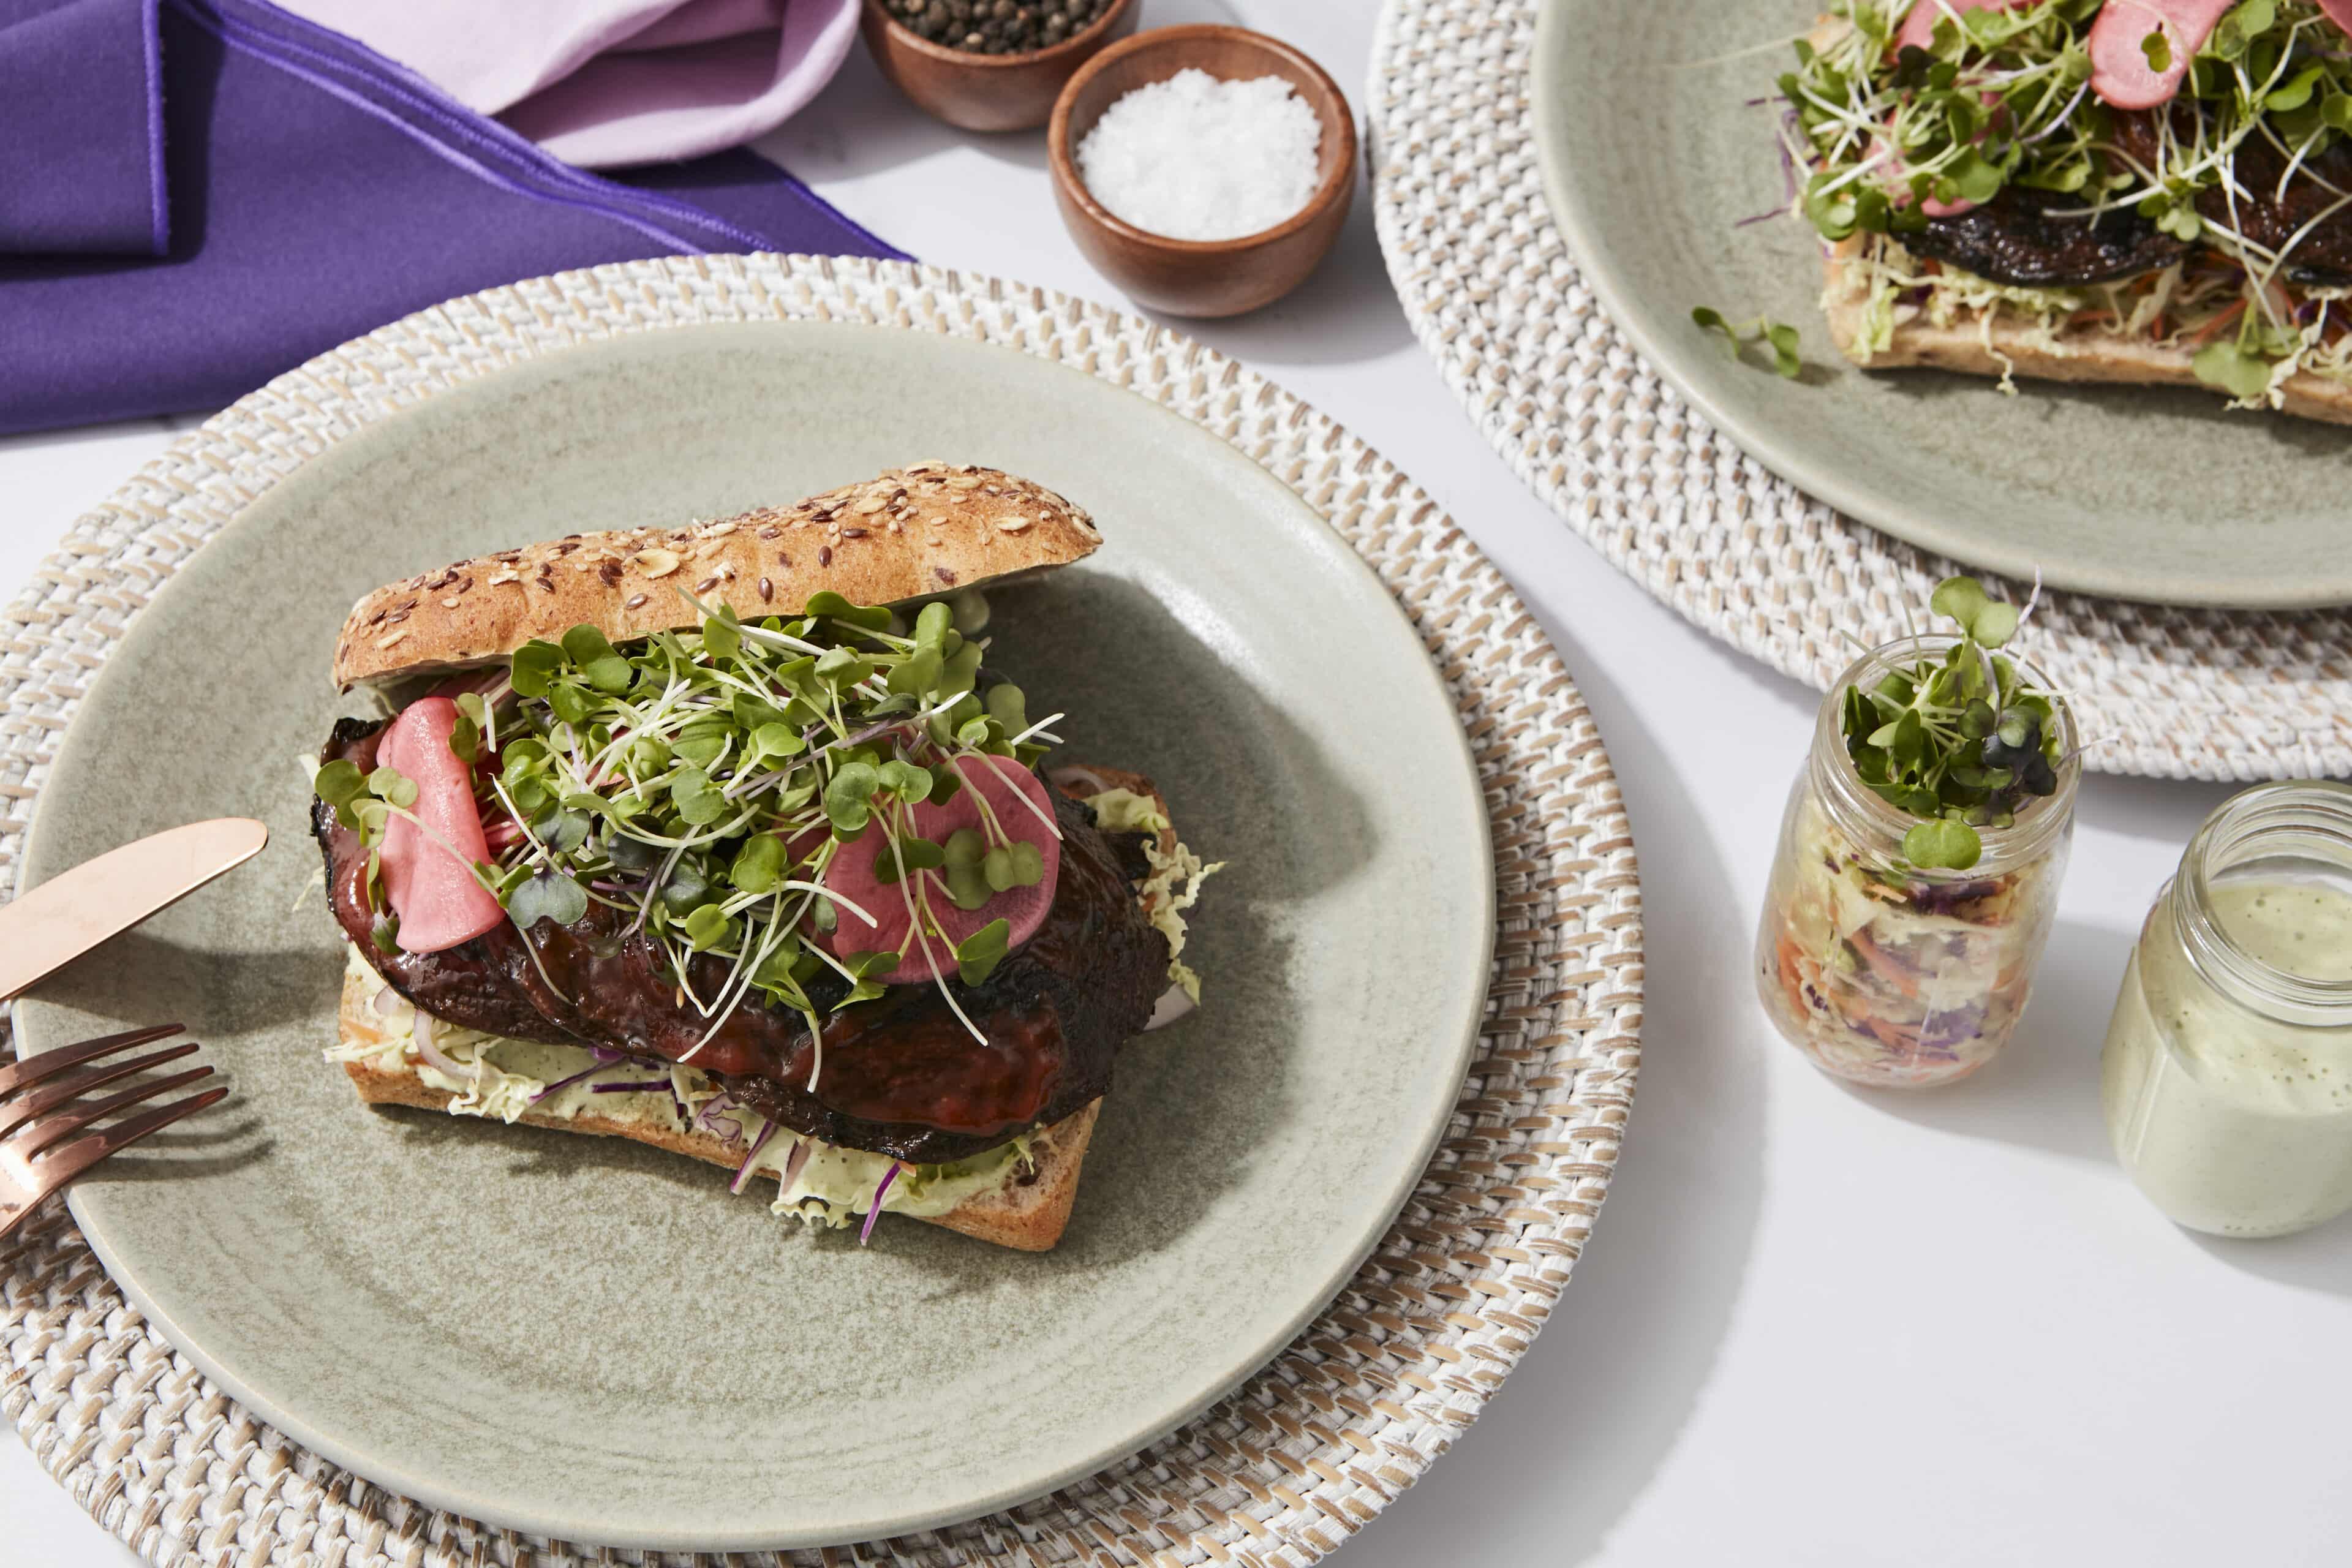 BBQ Mushroom Sandwich